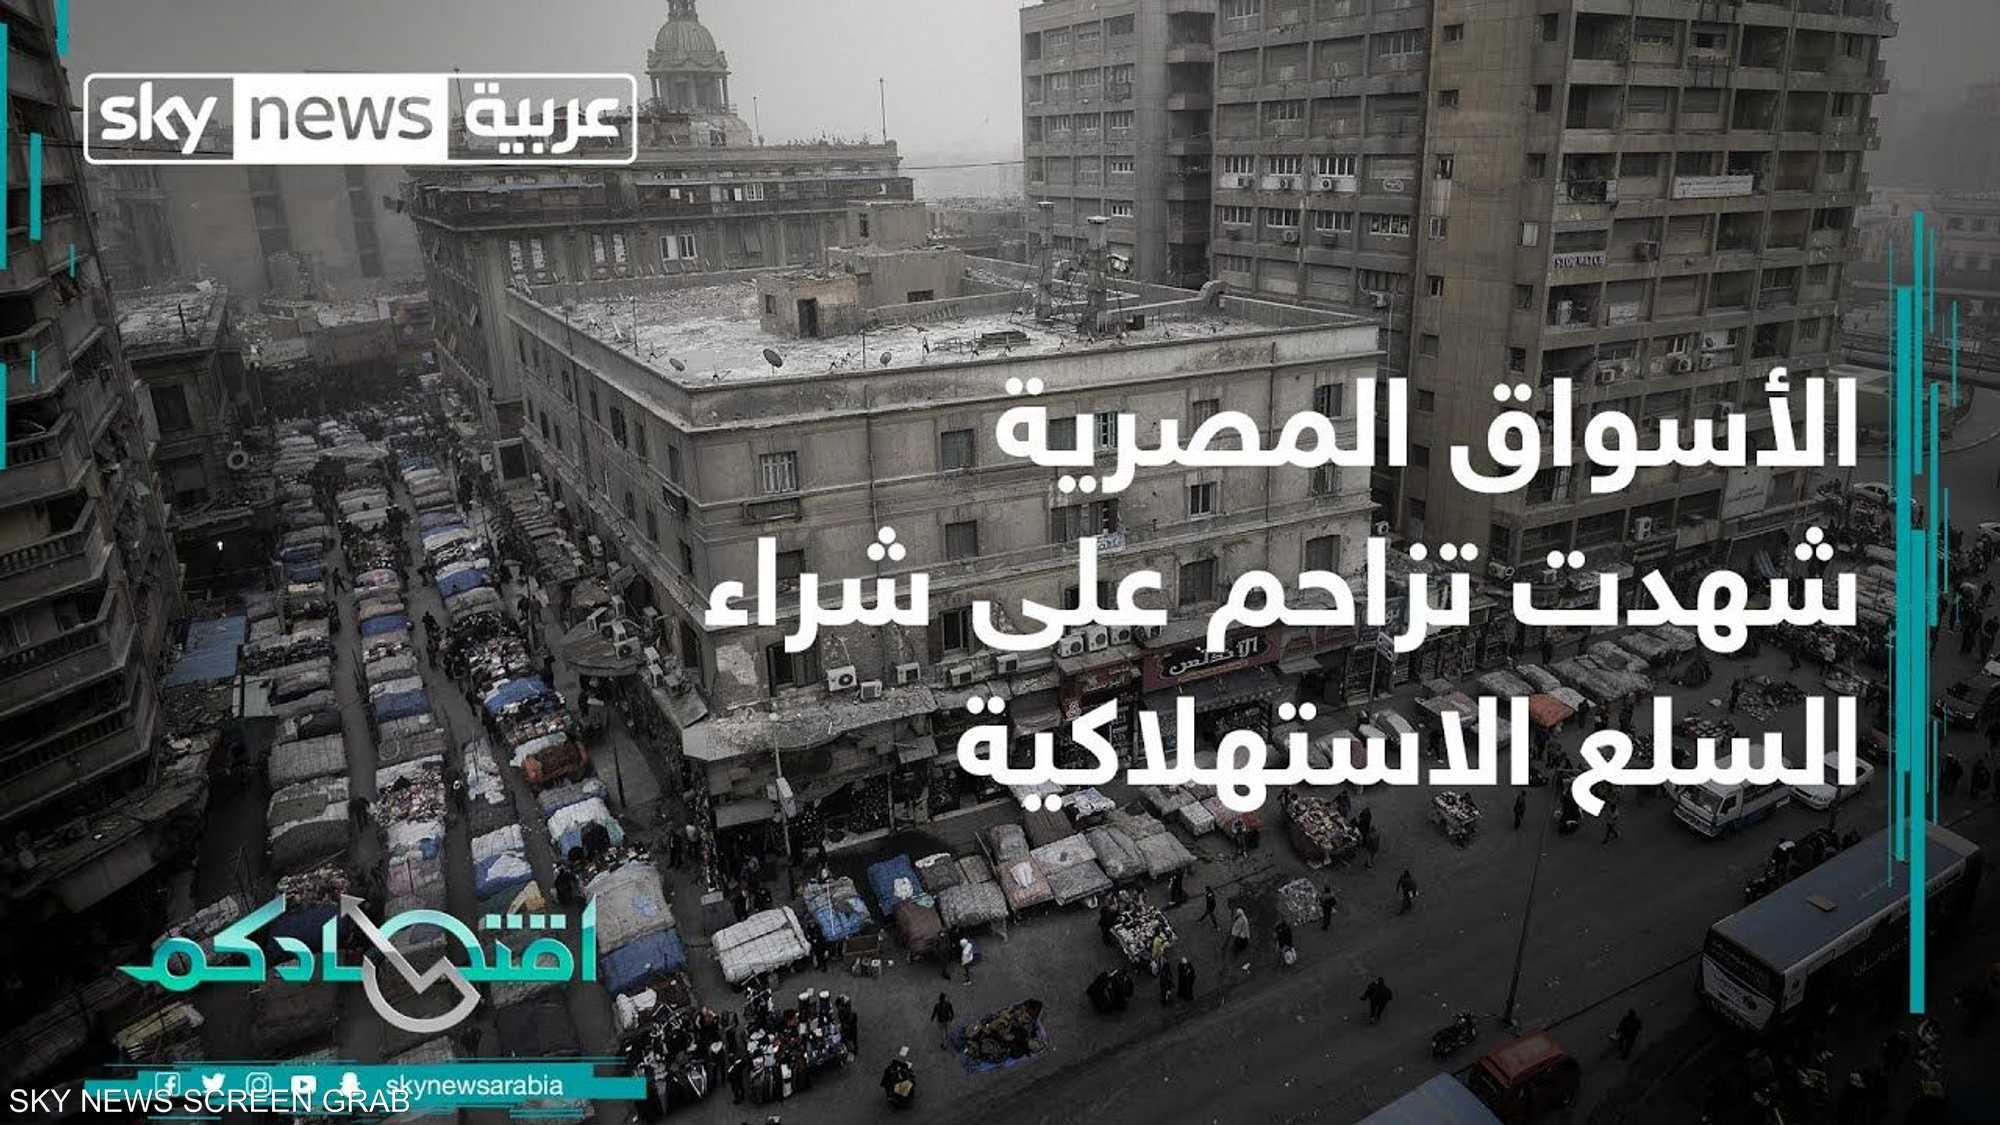 الأسواق المصرية تشهد تزاحما على شراء السلع